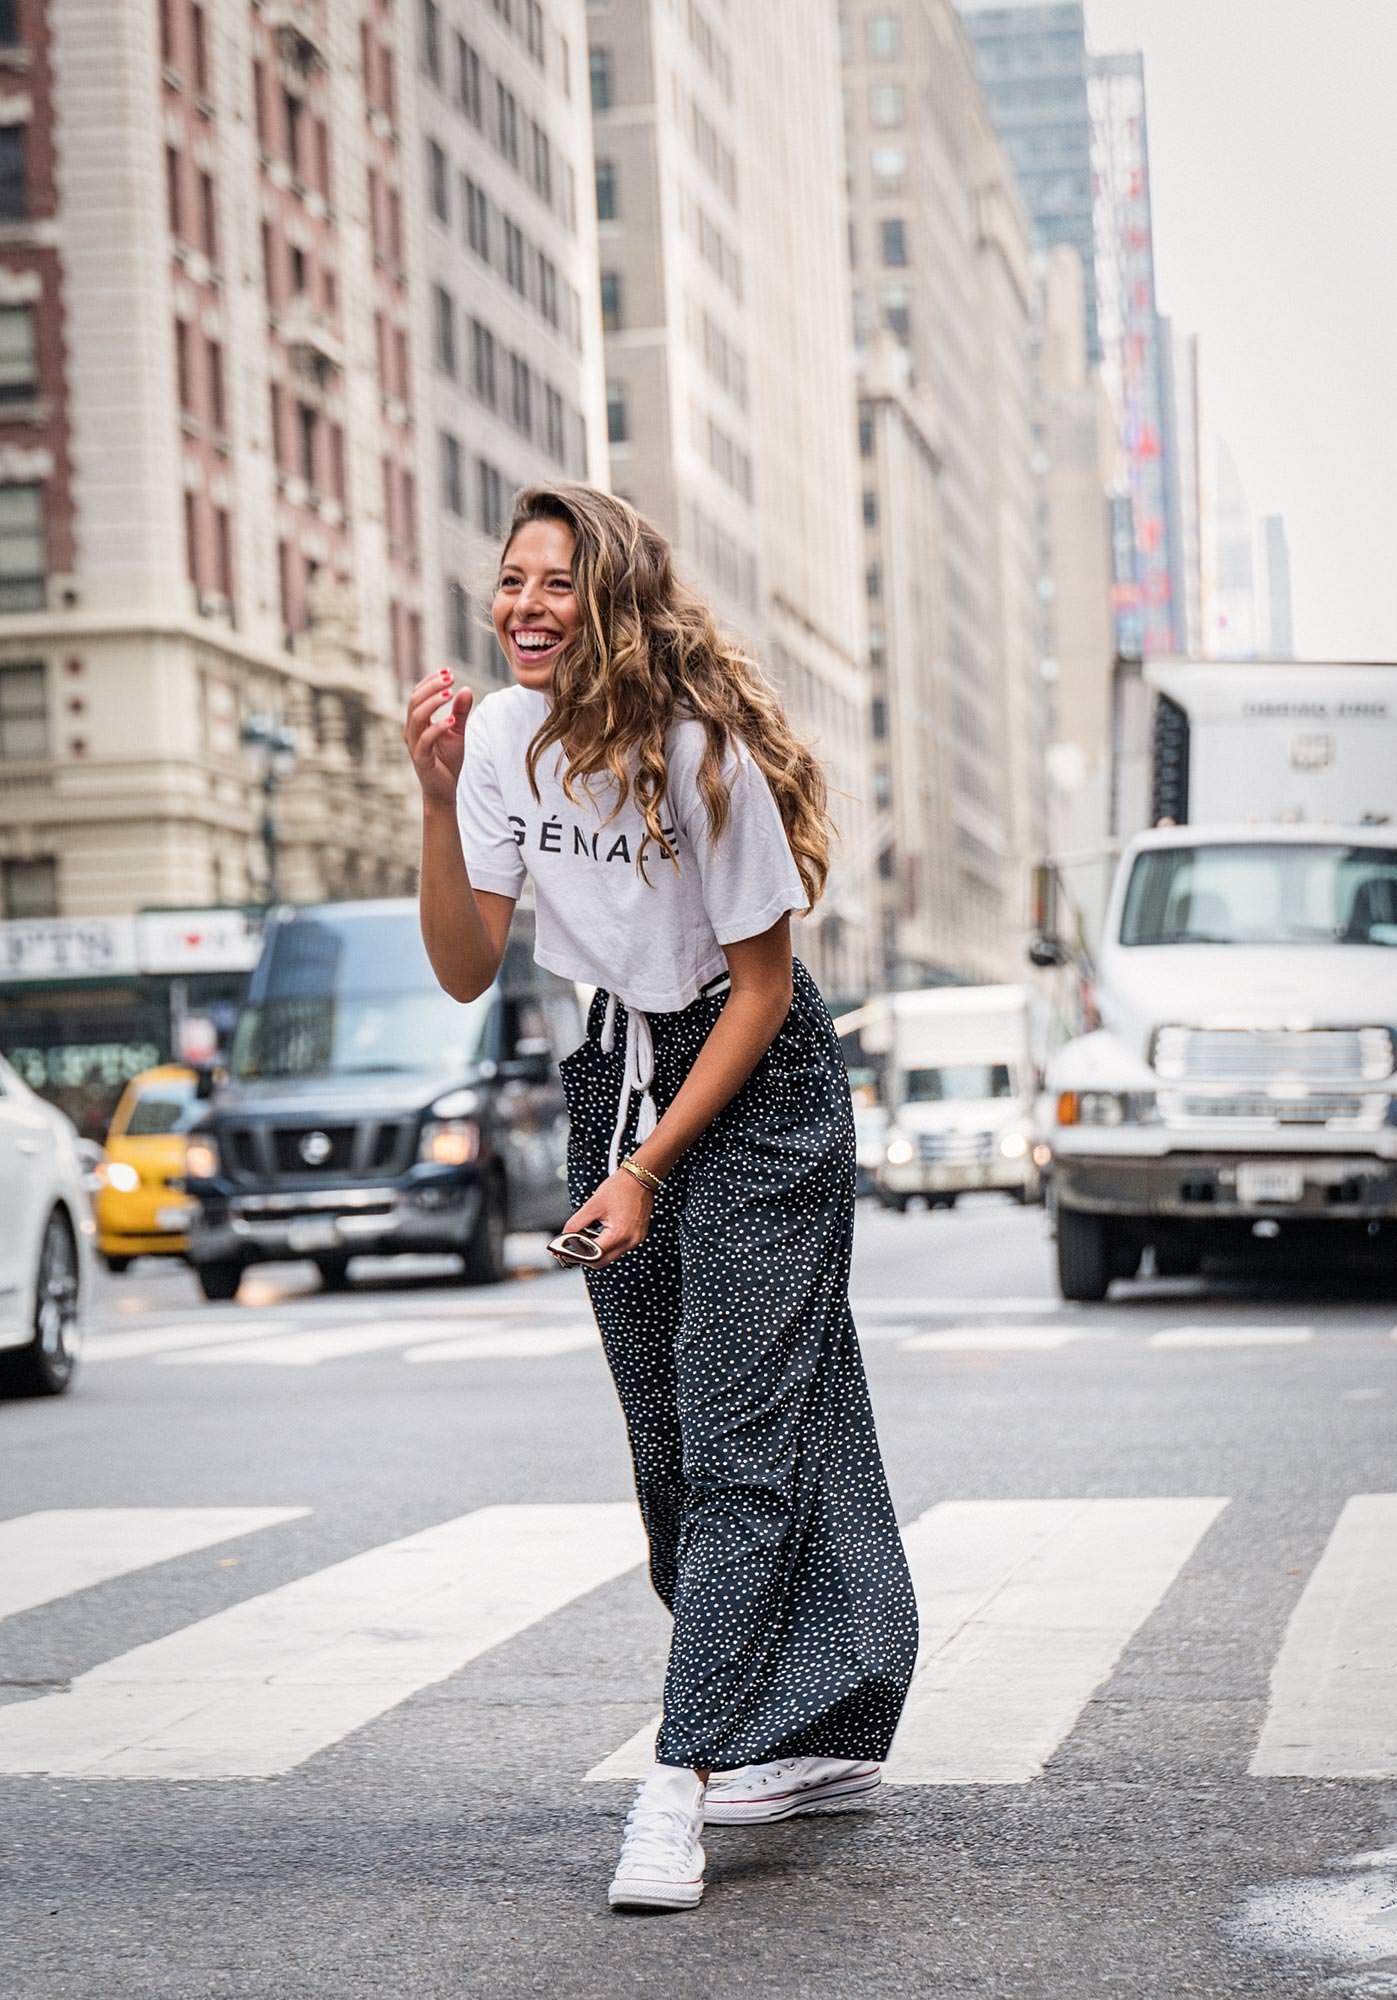 Happy Model in New York